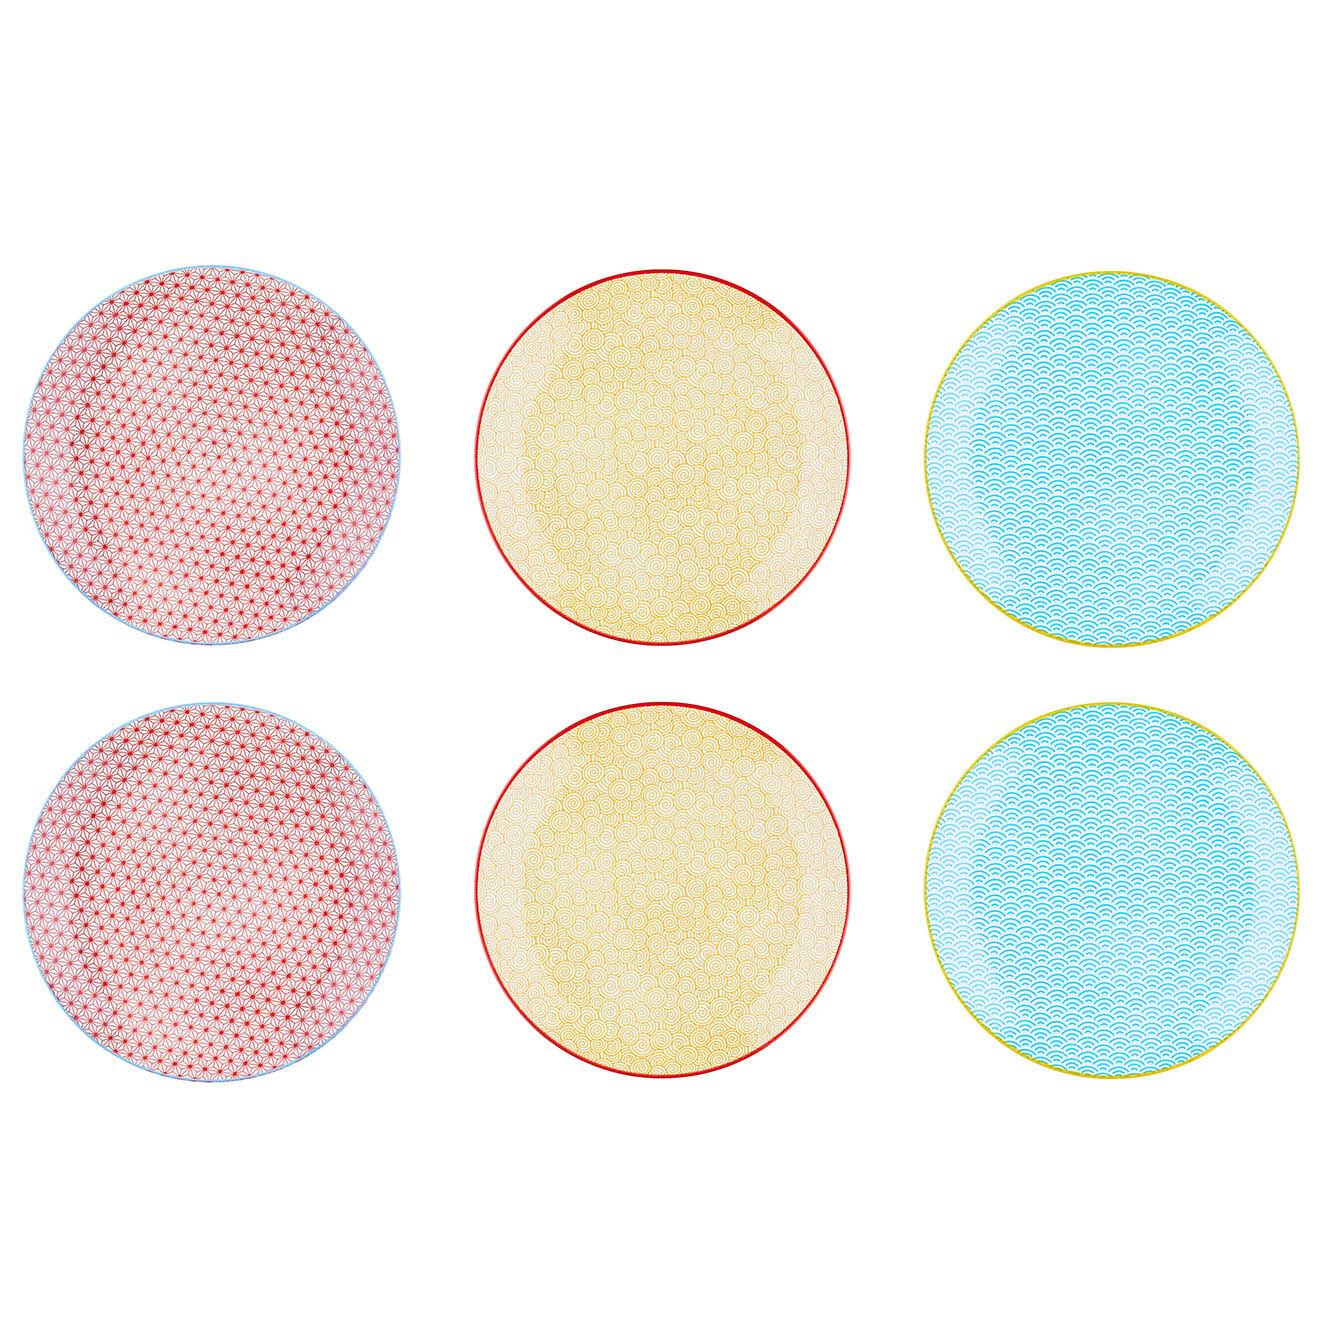 6 Assiettes plates Color multicolores - D.26 cm